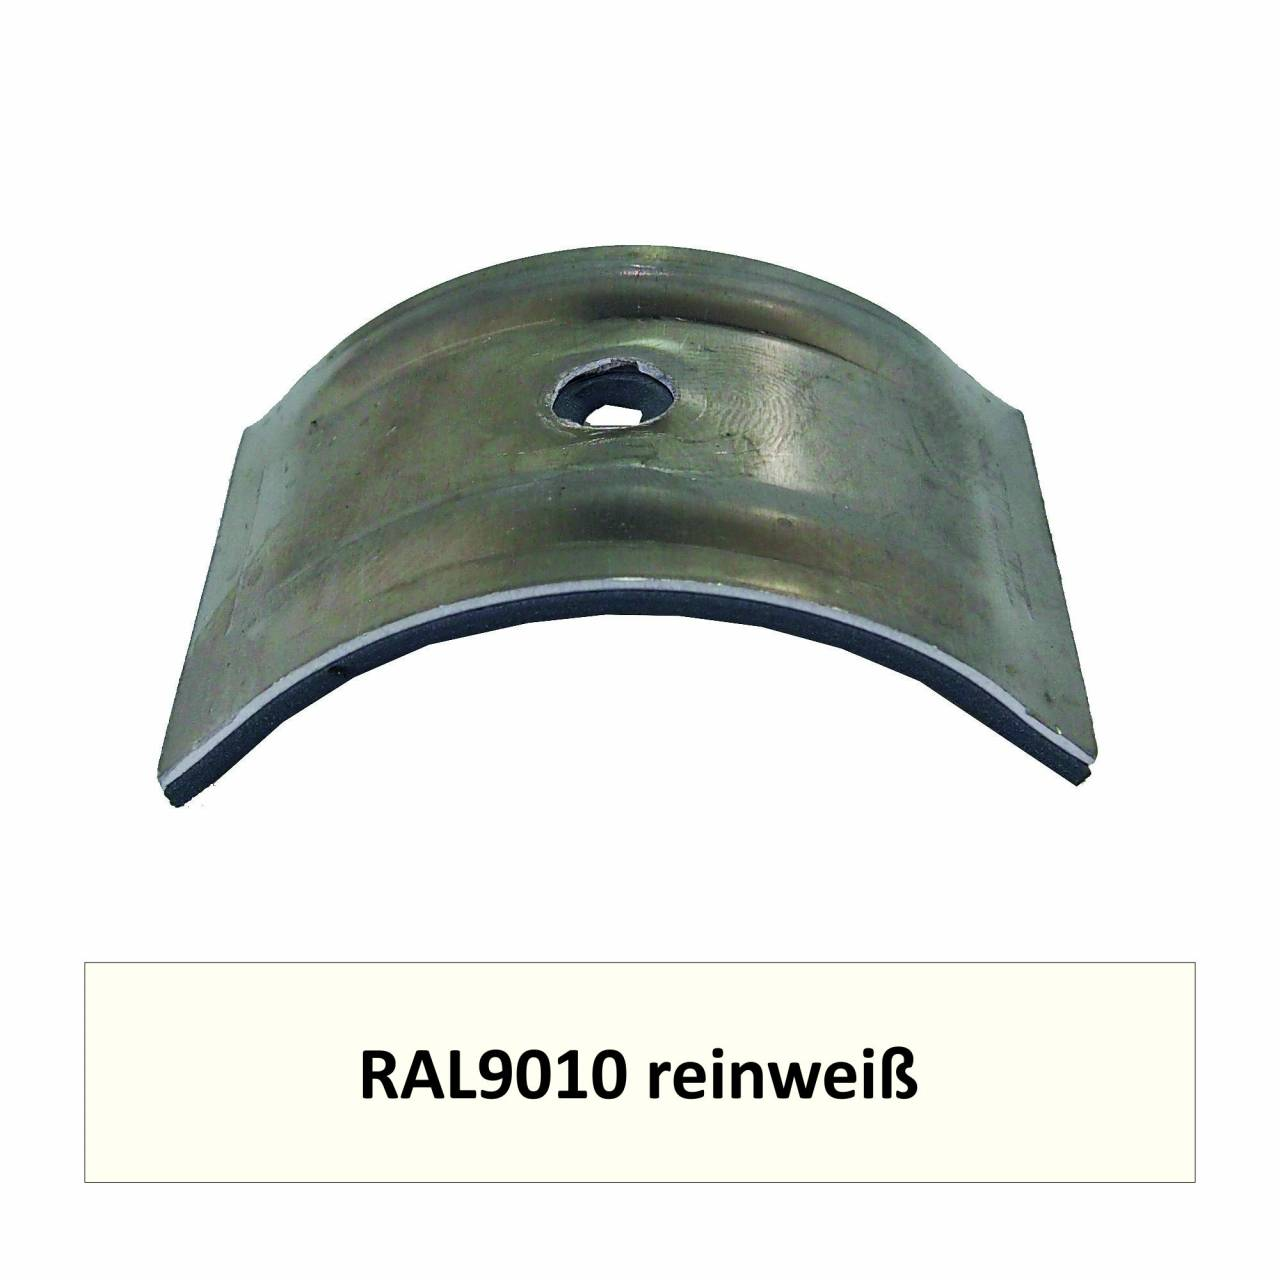 Kalotten für Welle 150/50, Alu RAL9010 reinweiß / Pck a 100 Stück